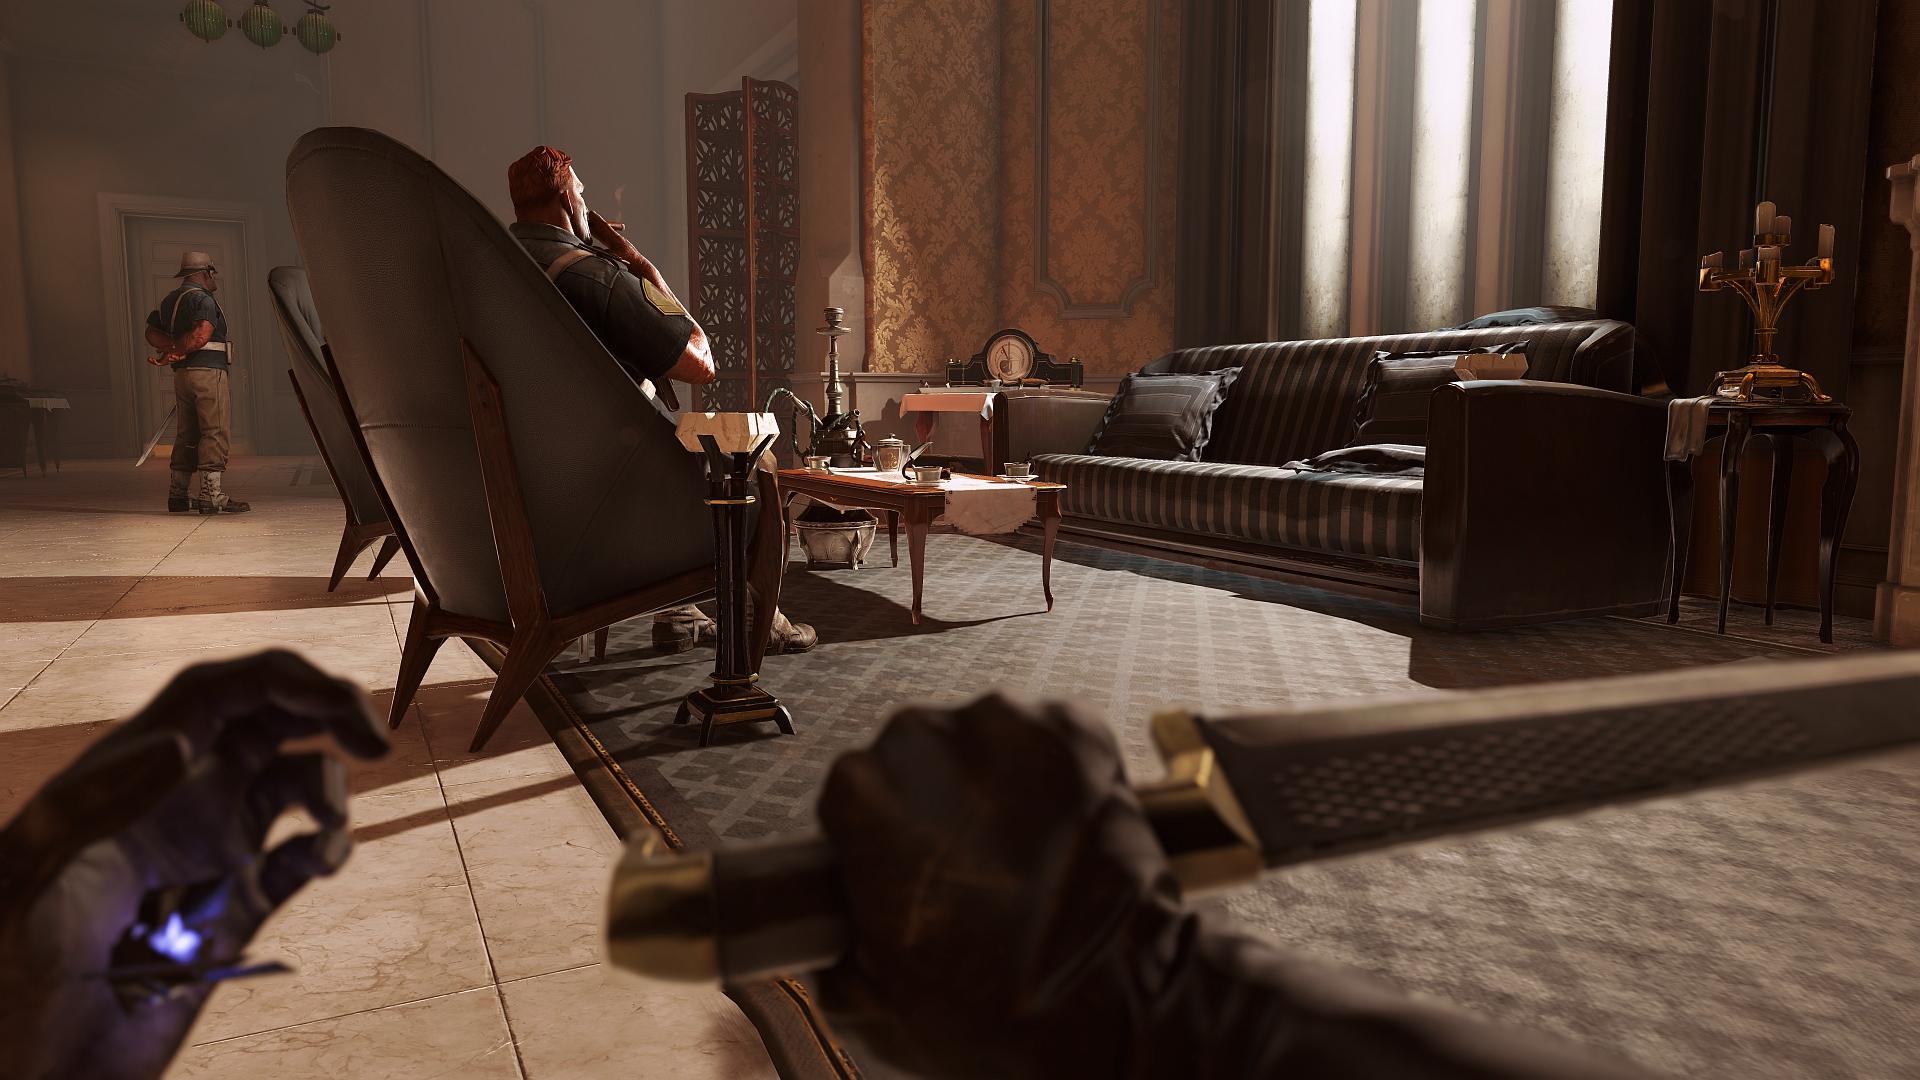 Nuevo contenido en Dishonored 2